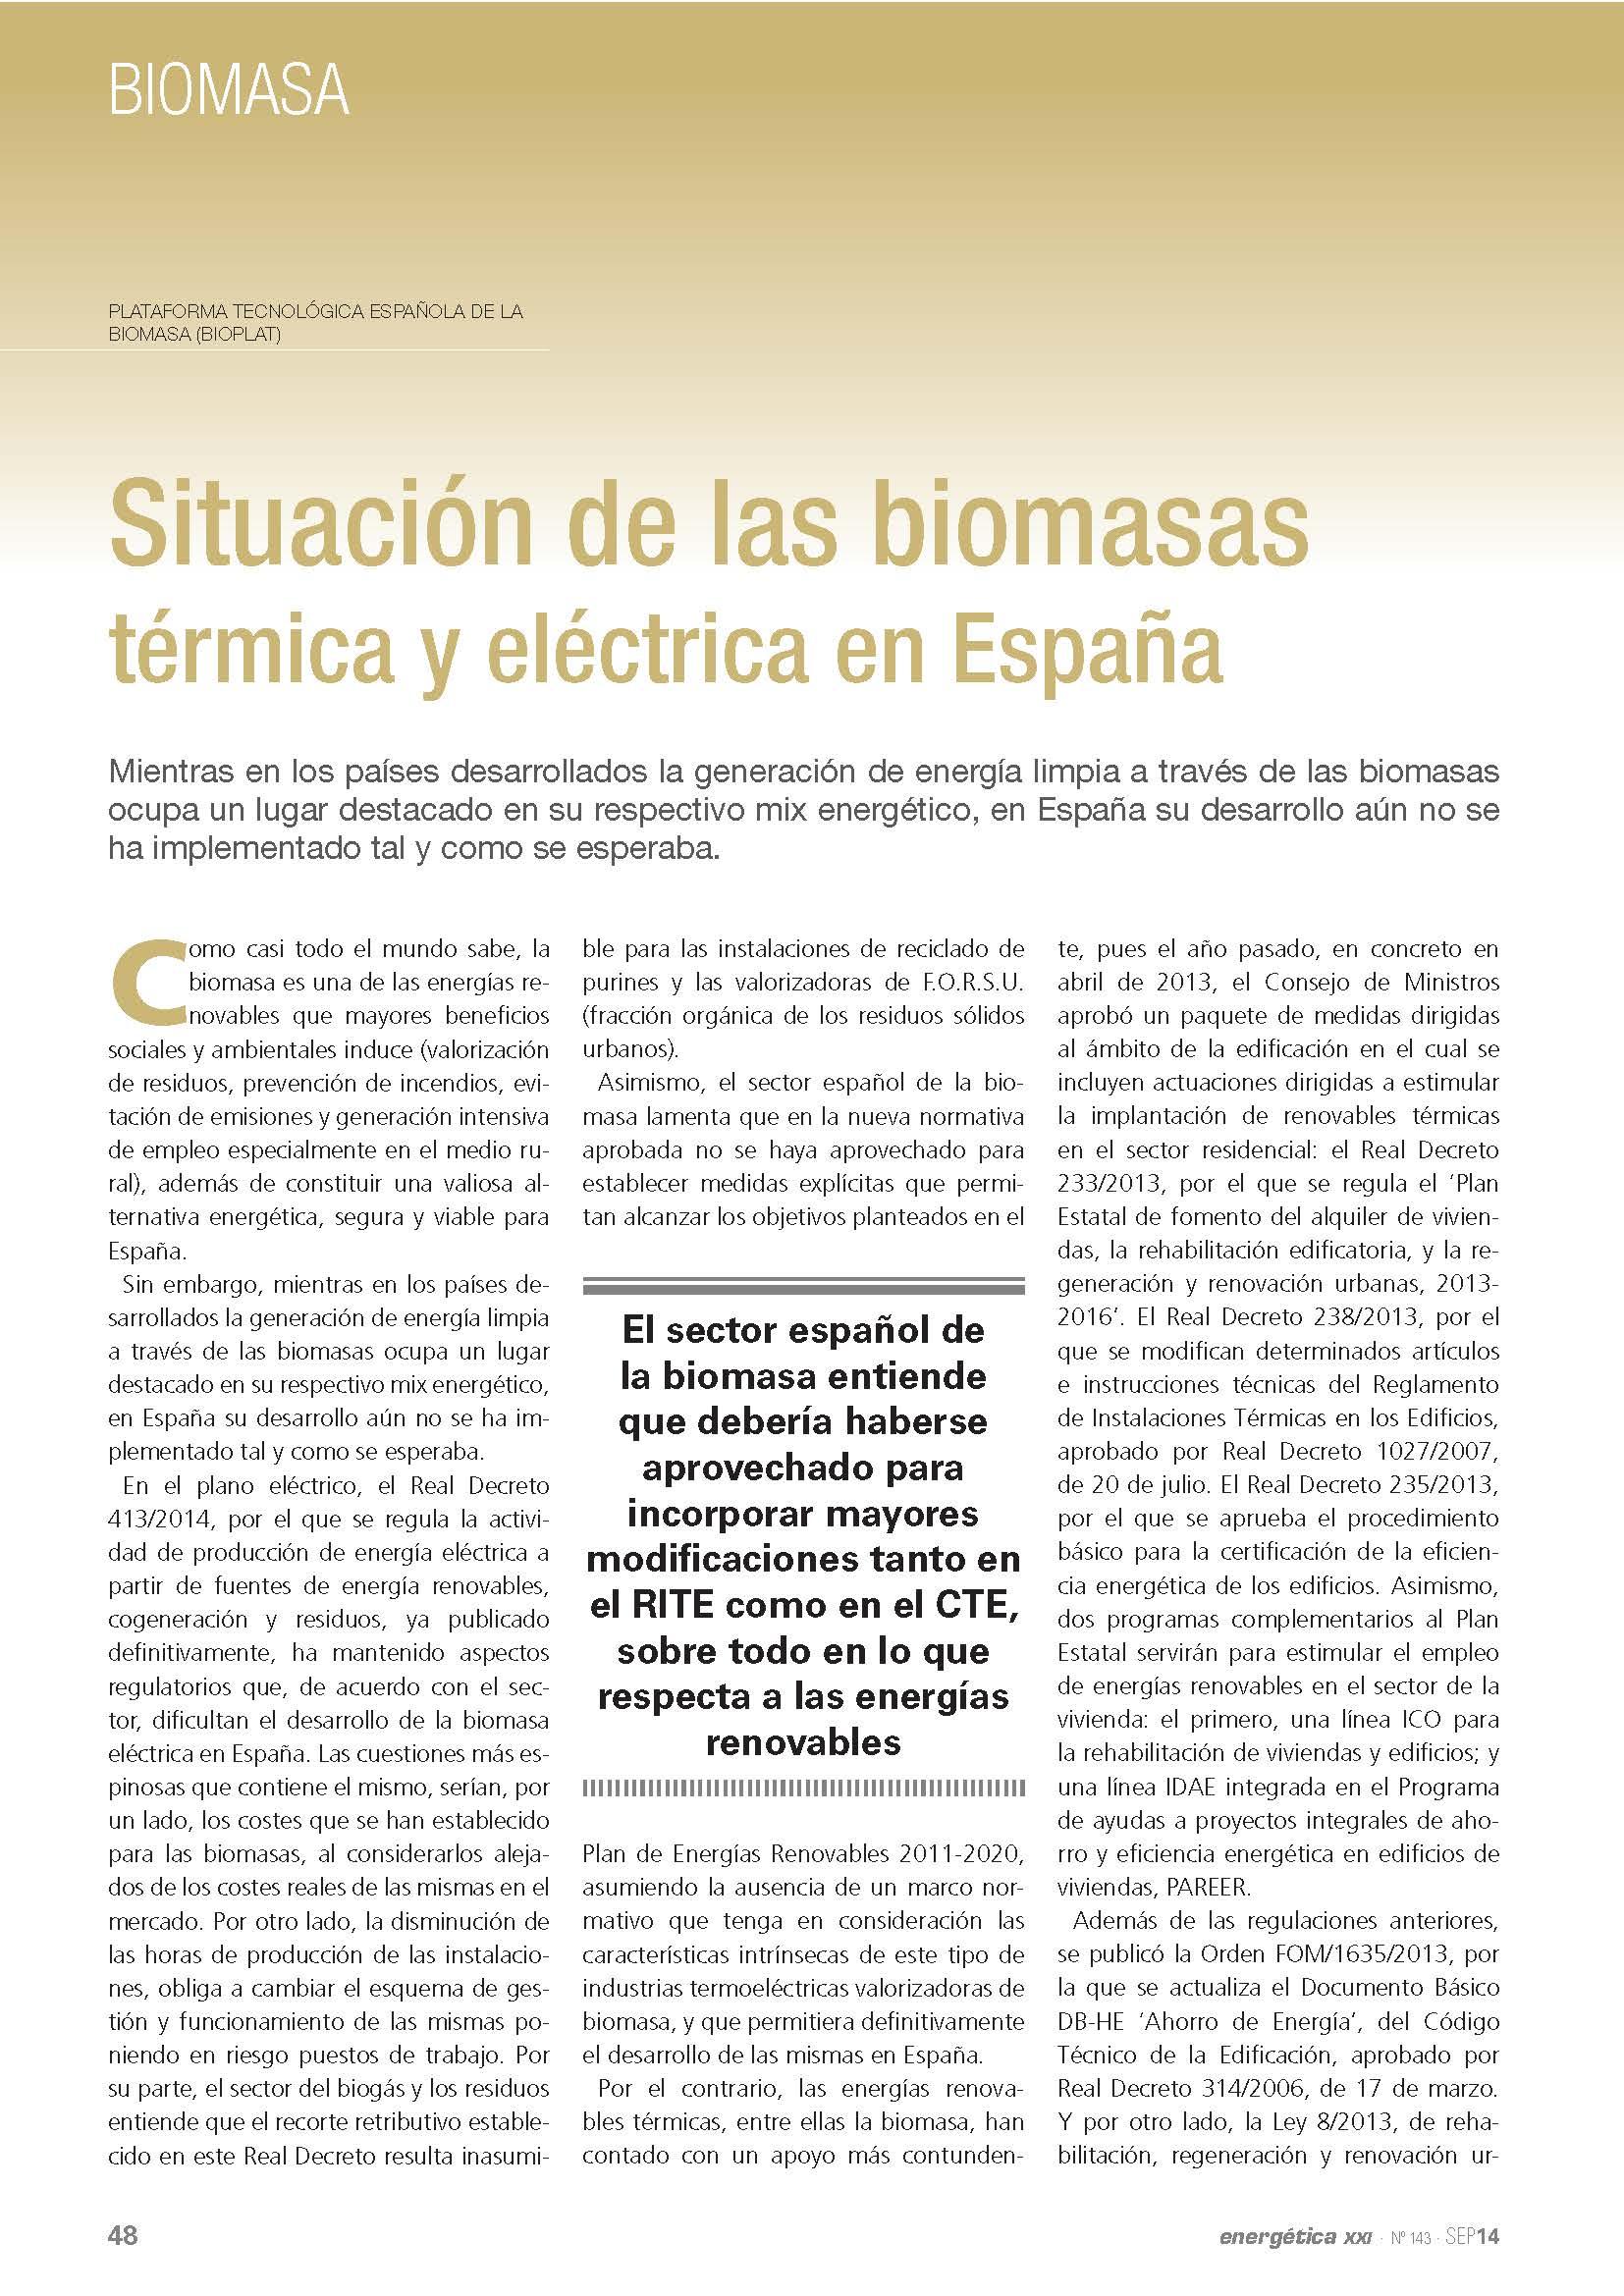 (Español) Situación de las biomasas térmica y eléctrica en España